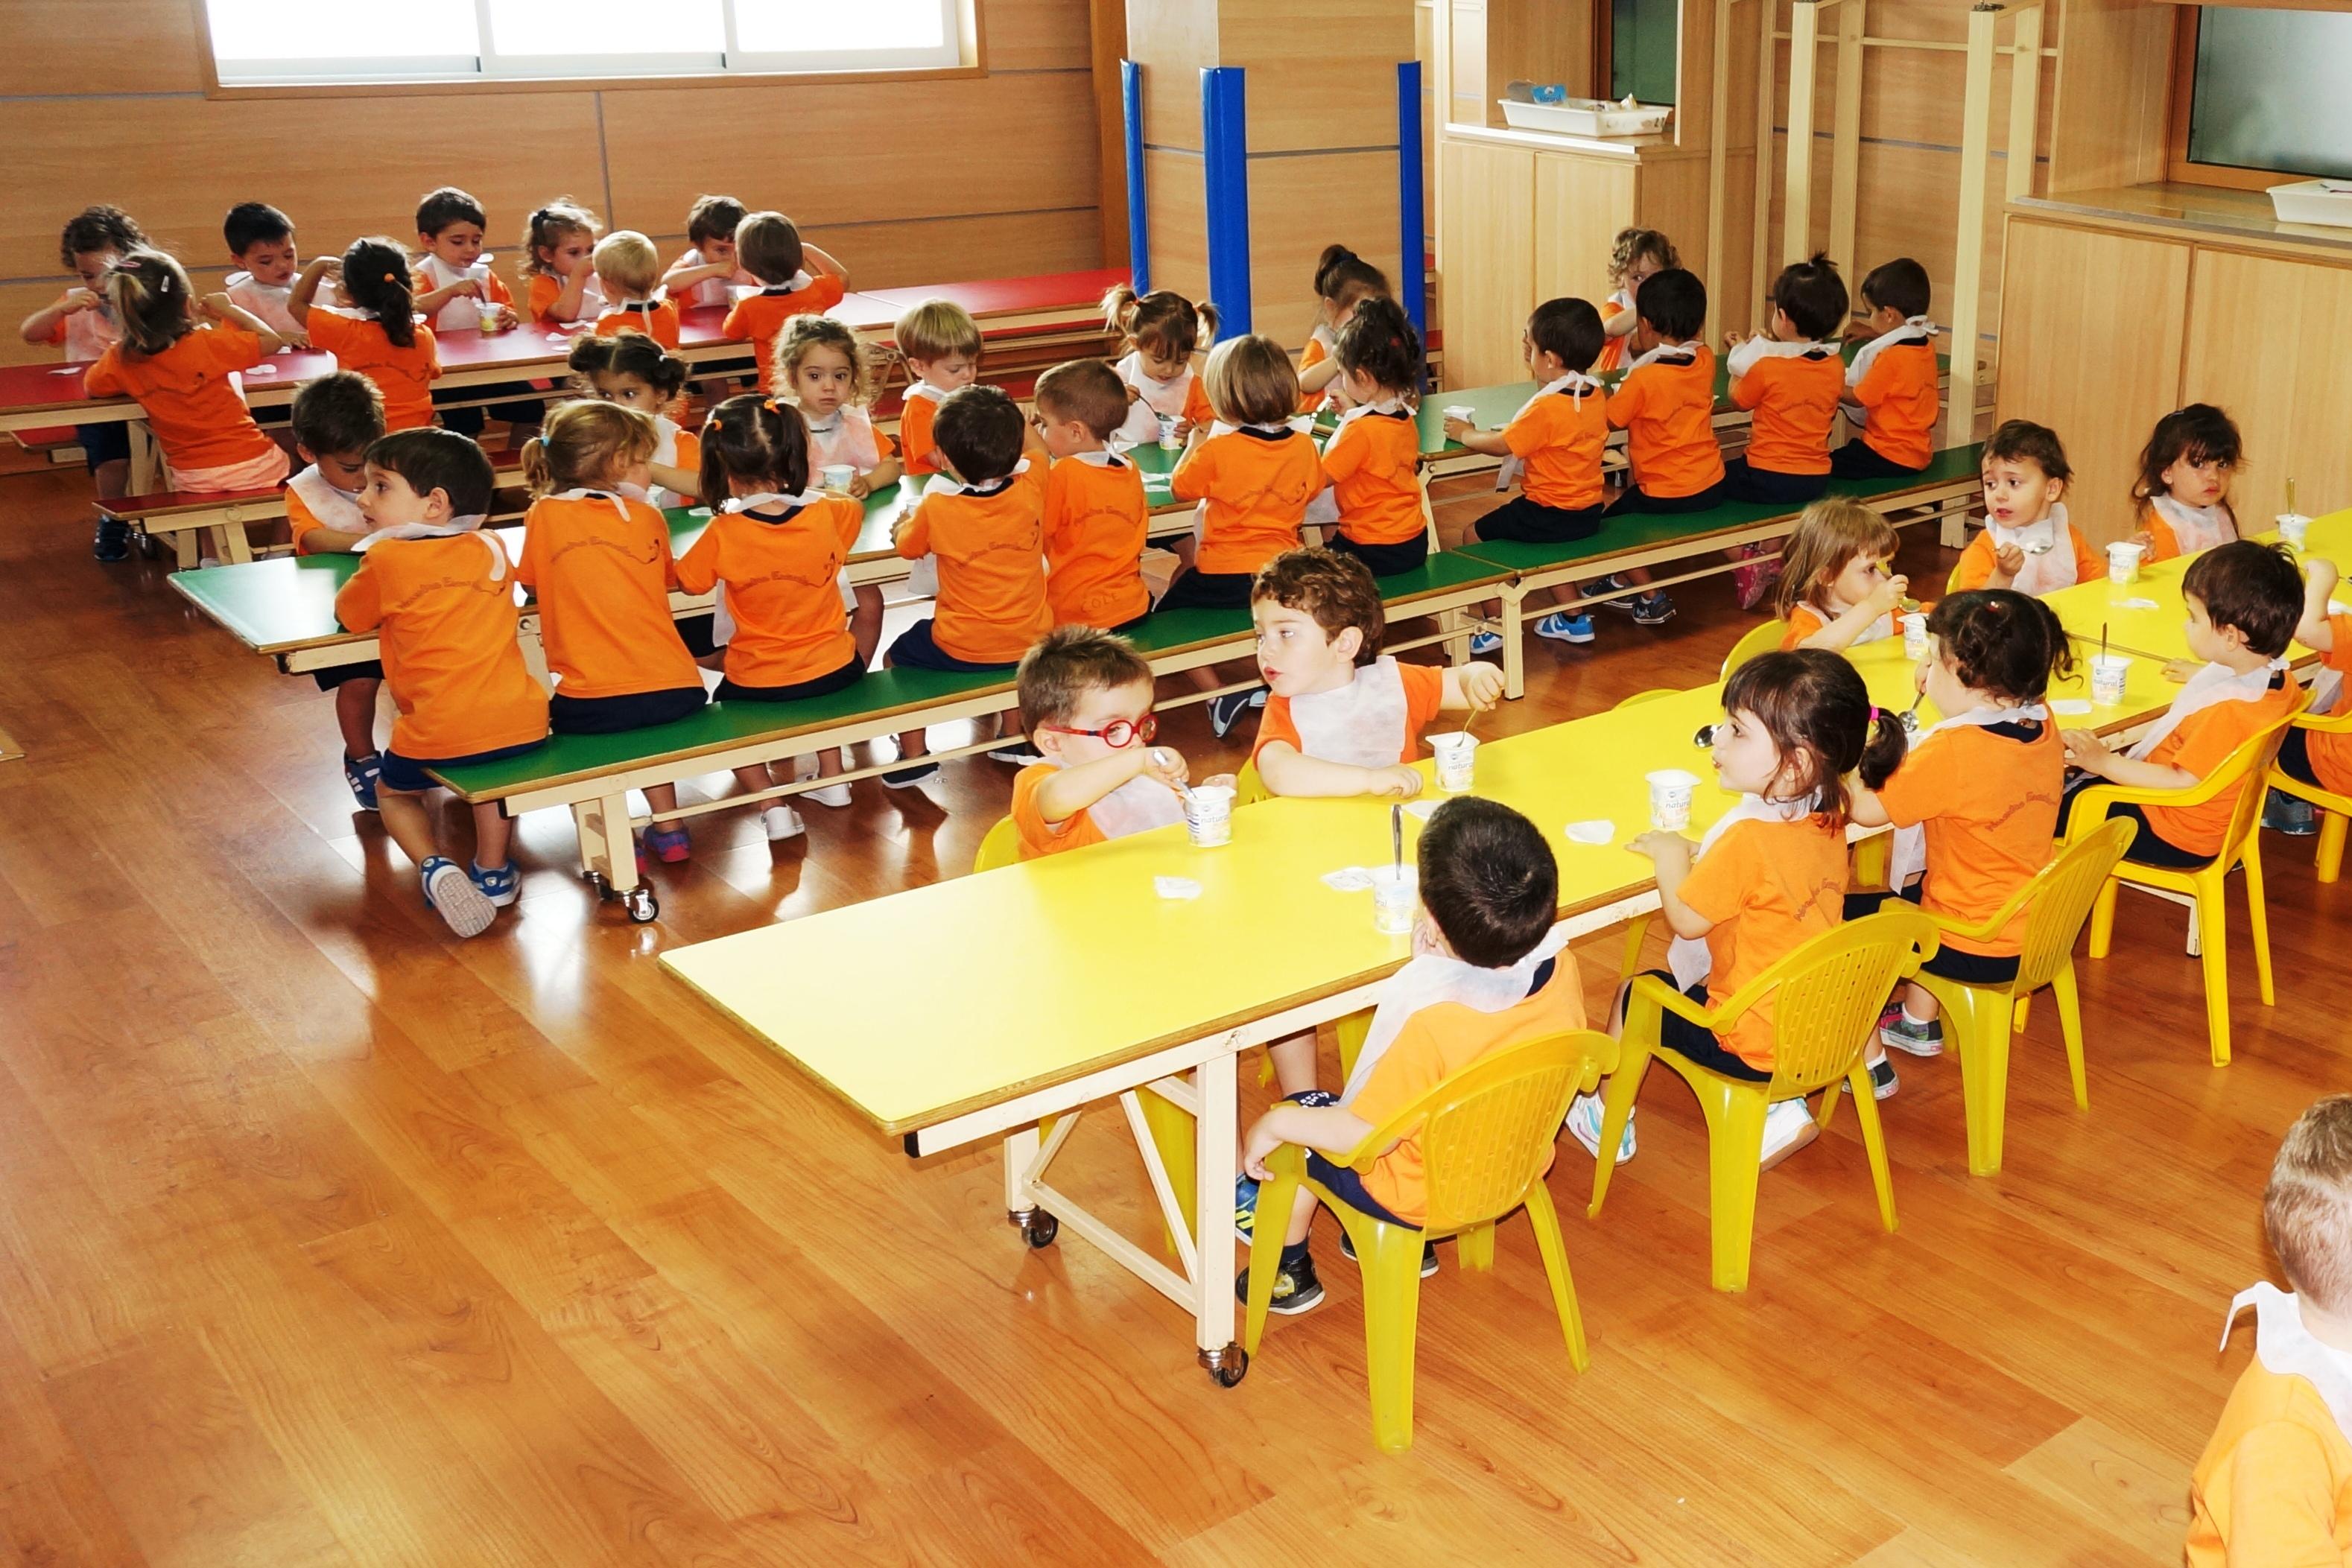 Nuestra escuela garabatos alicante alacant calle de - Garabatos mobiliario juvenil e infantil ...